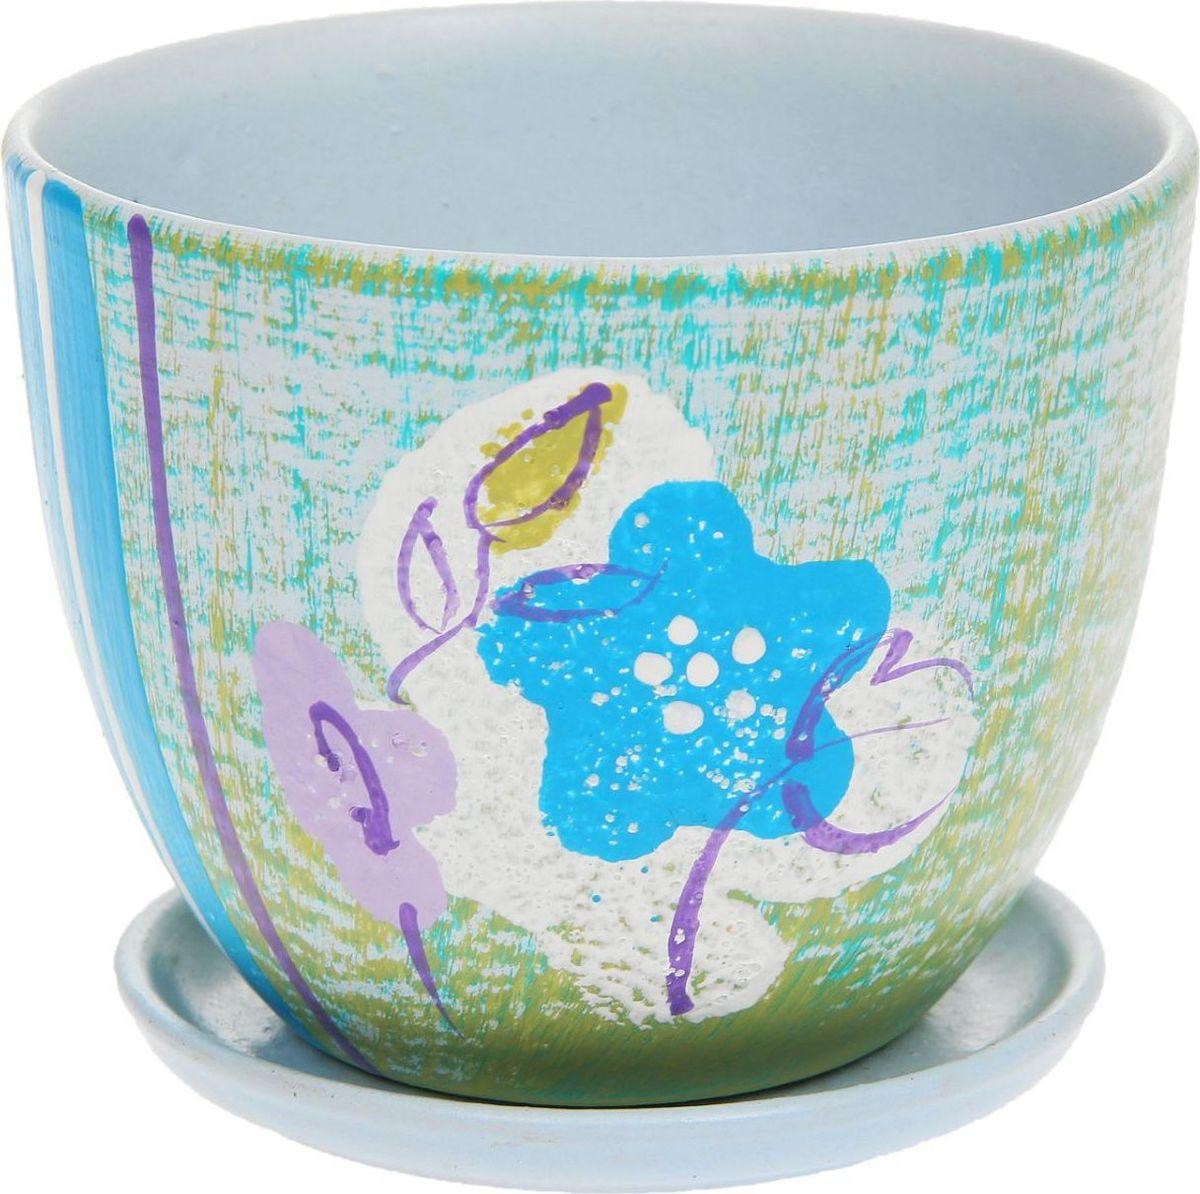 Кашпо Загадка, цвет: голубой, 0,6 л1138588Комнатные растения — всеобщие любимцы. Они радуют глаз, насыщают помещение кислородом и украшают пространство. Каждому из них необходим свой удобный и красивый дом. Кашпо из керамики прекрасно подходят для высадки растений: за счёт пластичности глины и разных способов обработки существует великое множество форм и дизайновпористый материал позволяет испаряться лишней влагевоздух, необходимый для дыхания корней, проникает сквозь керамические стенки! #name# позаботится о зелёном питомце, освежит интерьер и подчеркнёт его стиль.